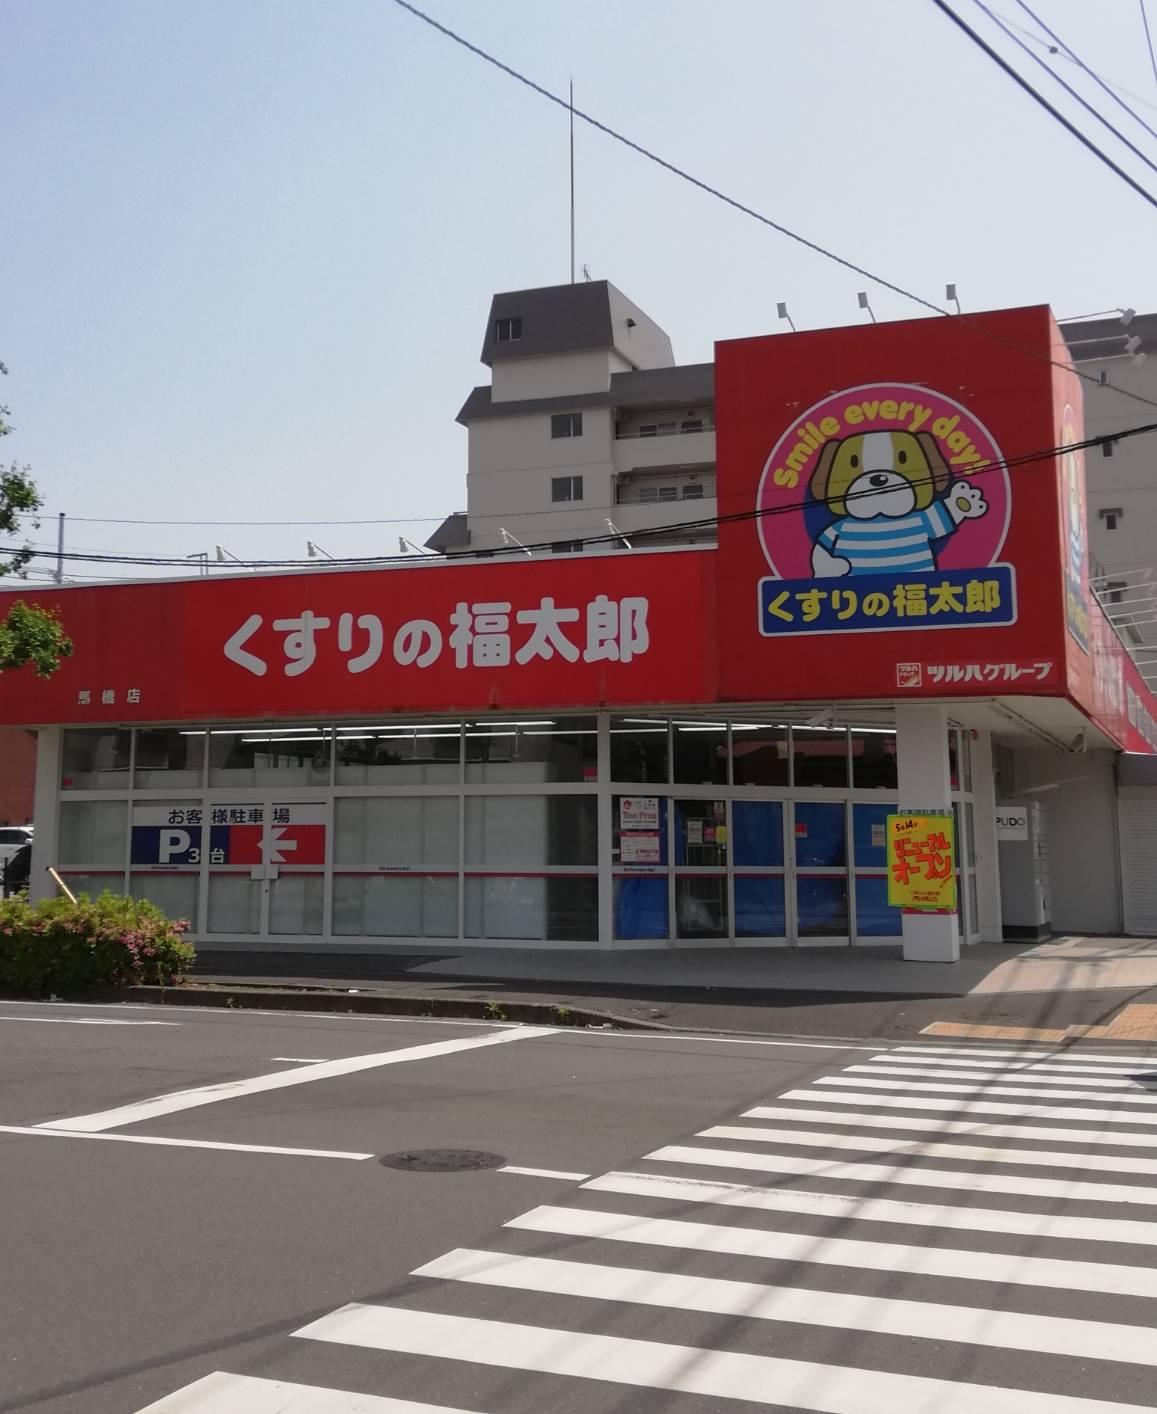 くすりの福太郎馬橋店精肉青果ドラッグストア